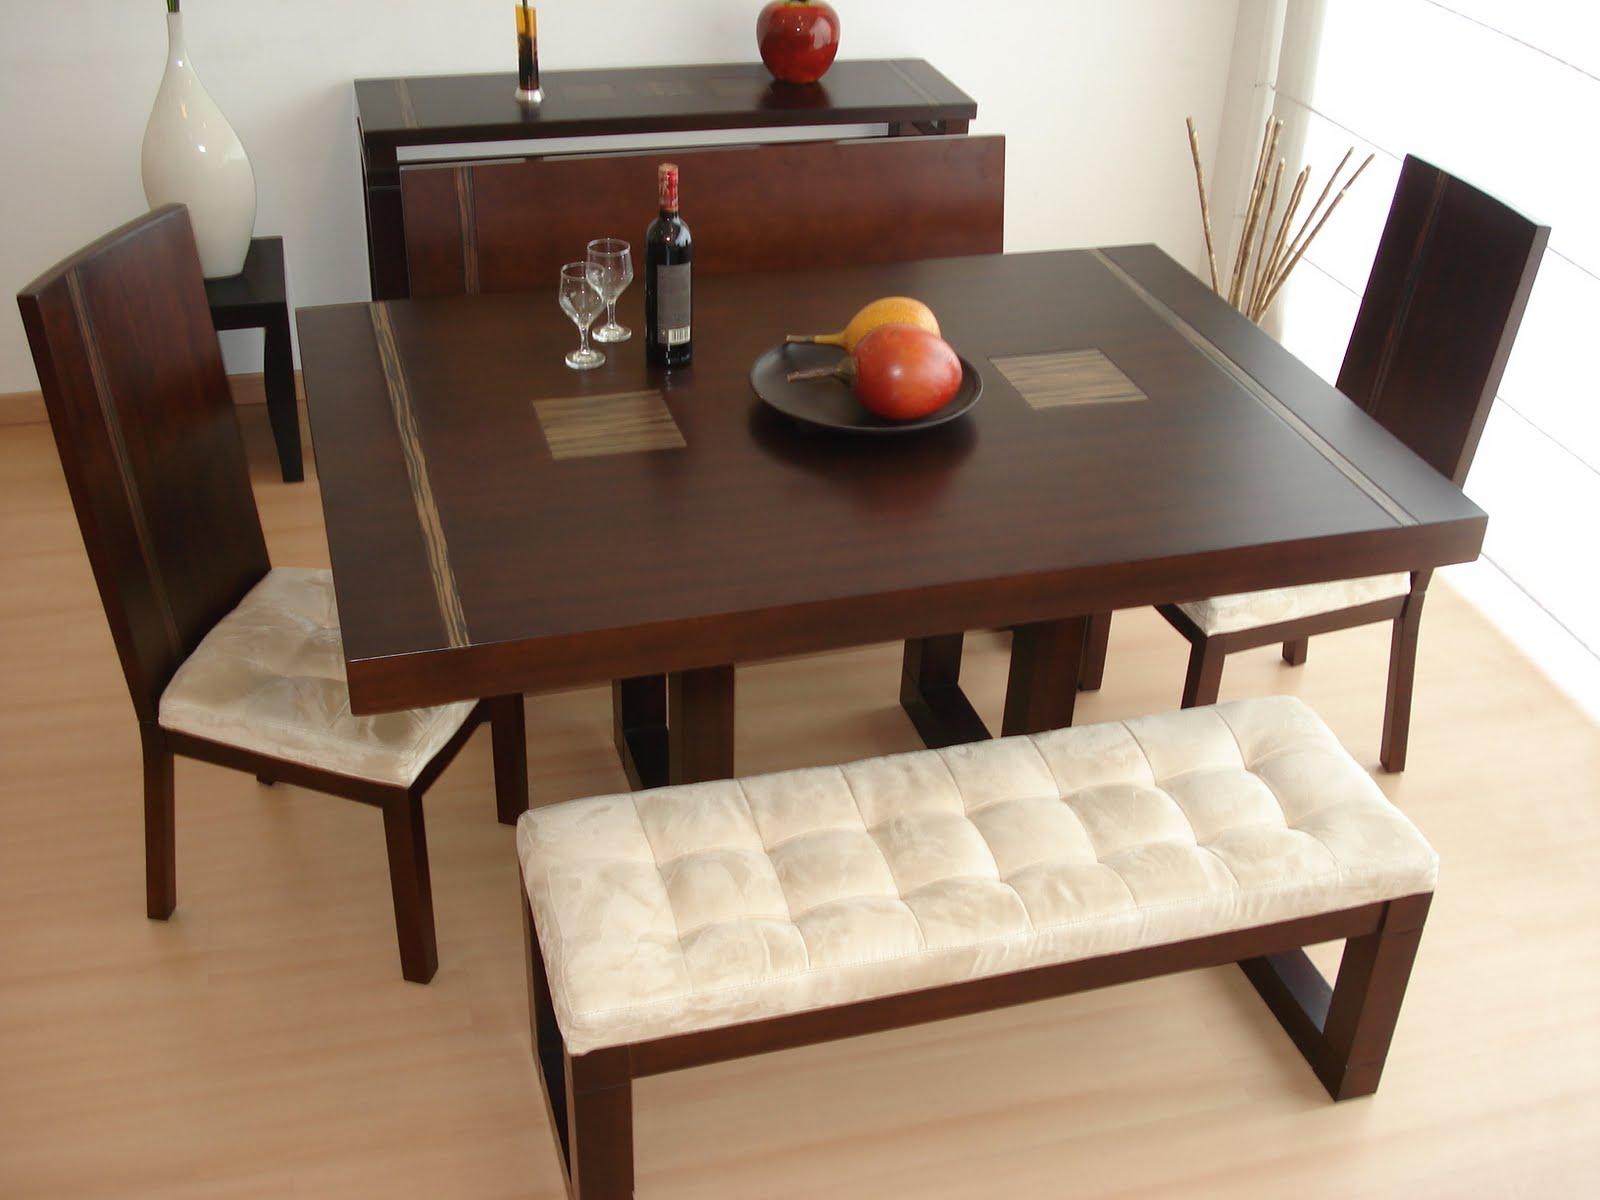 Dise o interior comedores for Comedores de madera nuevos